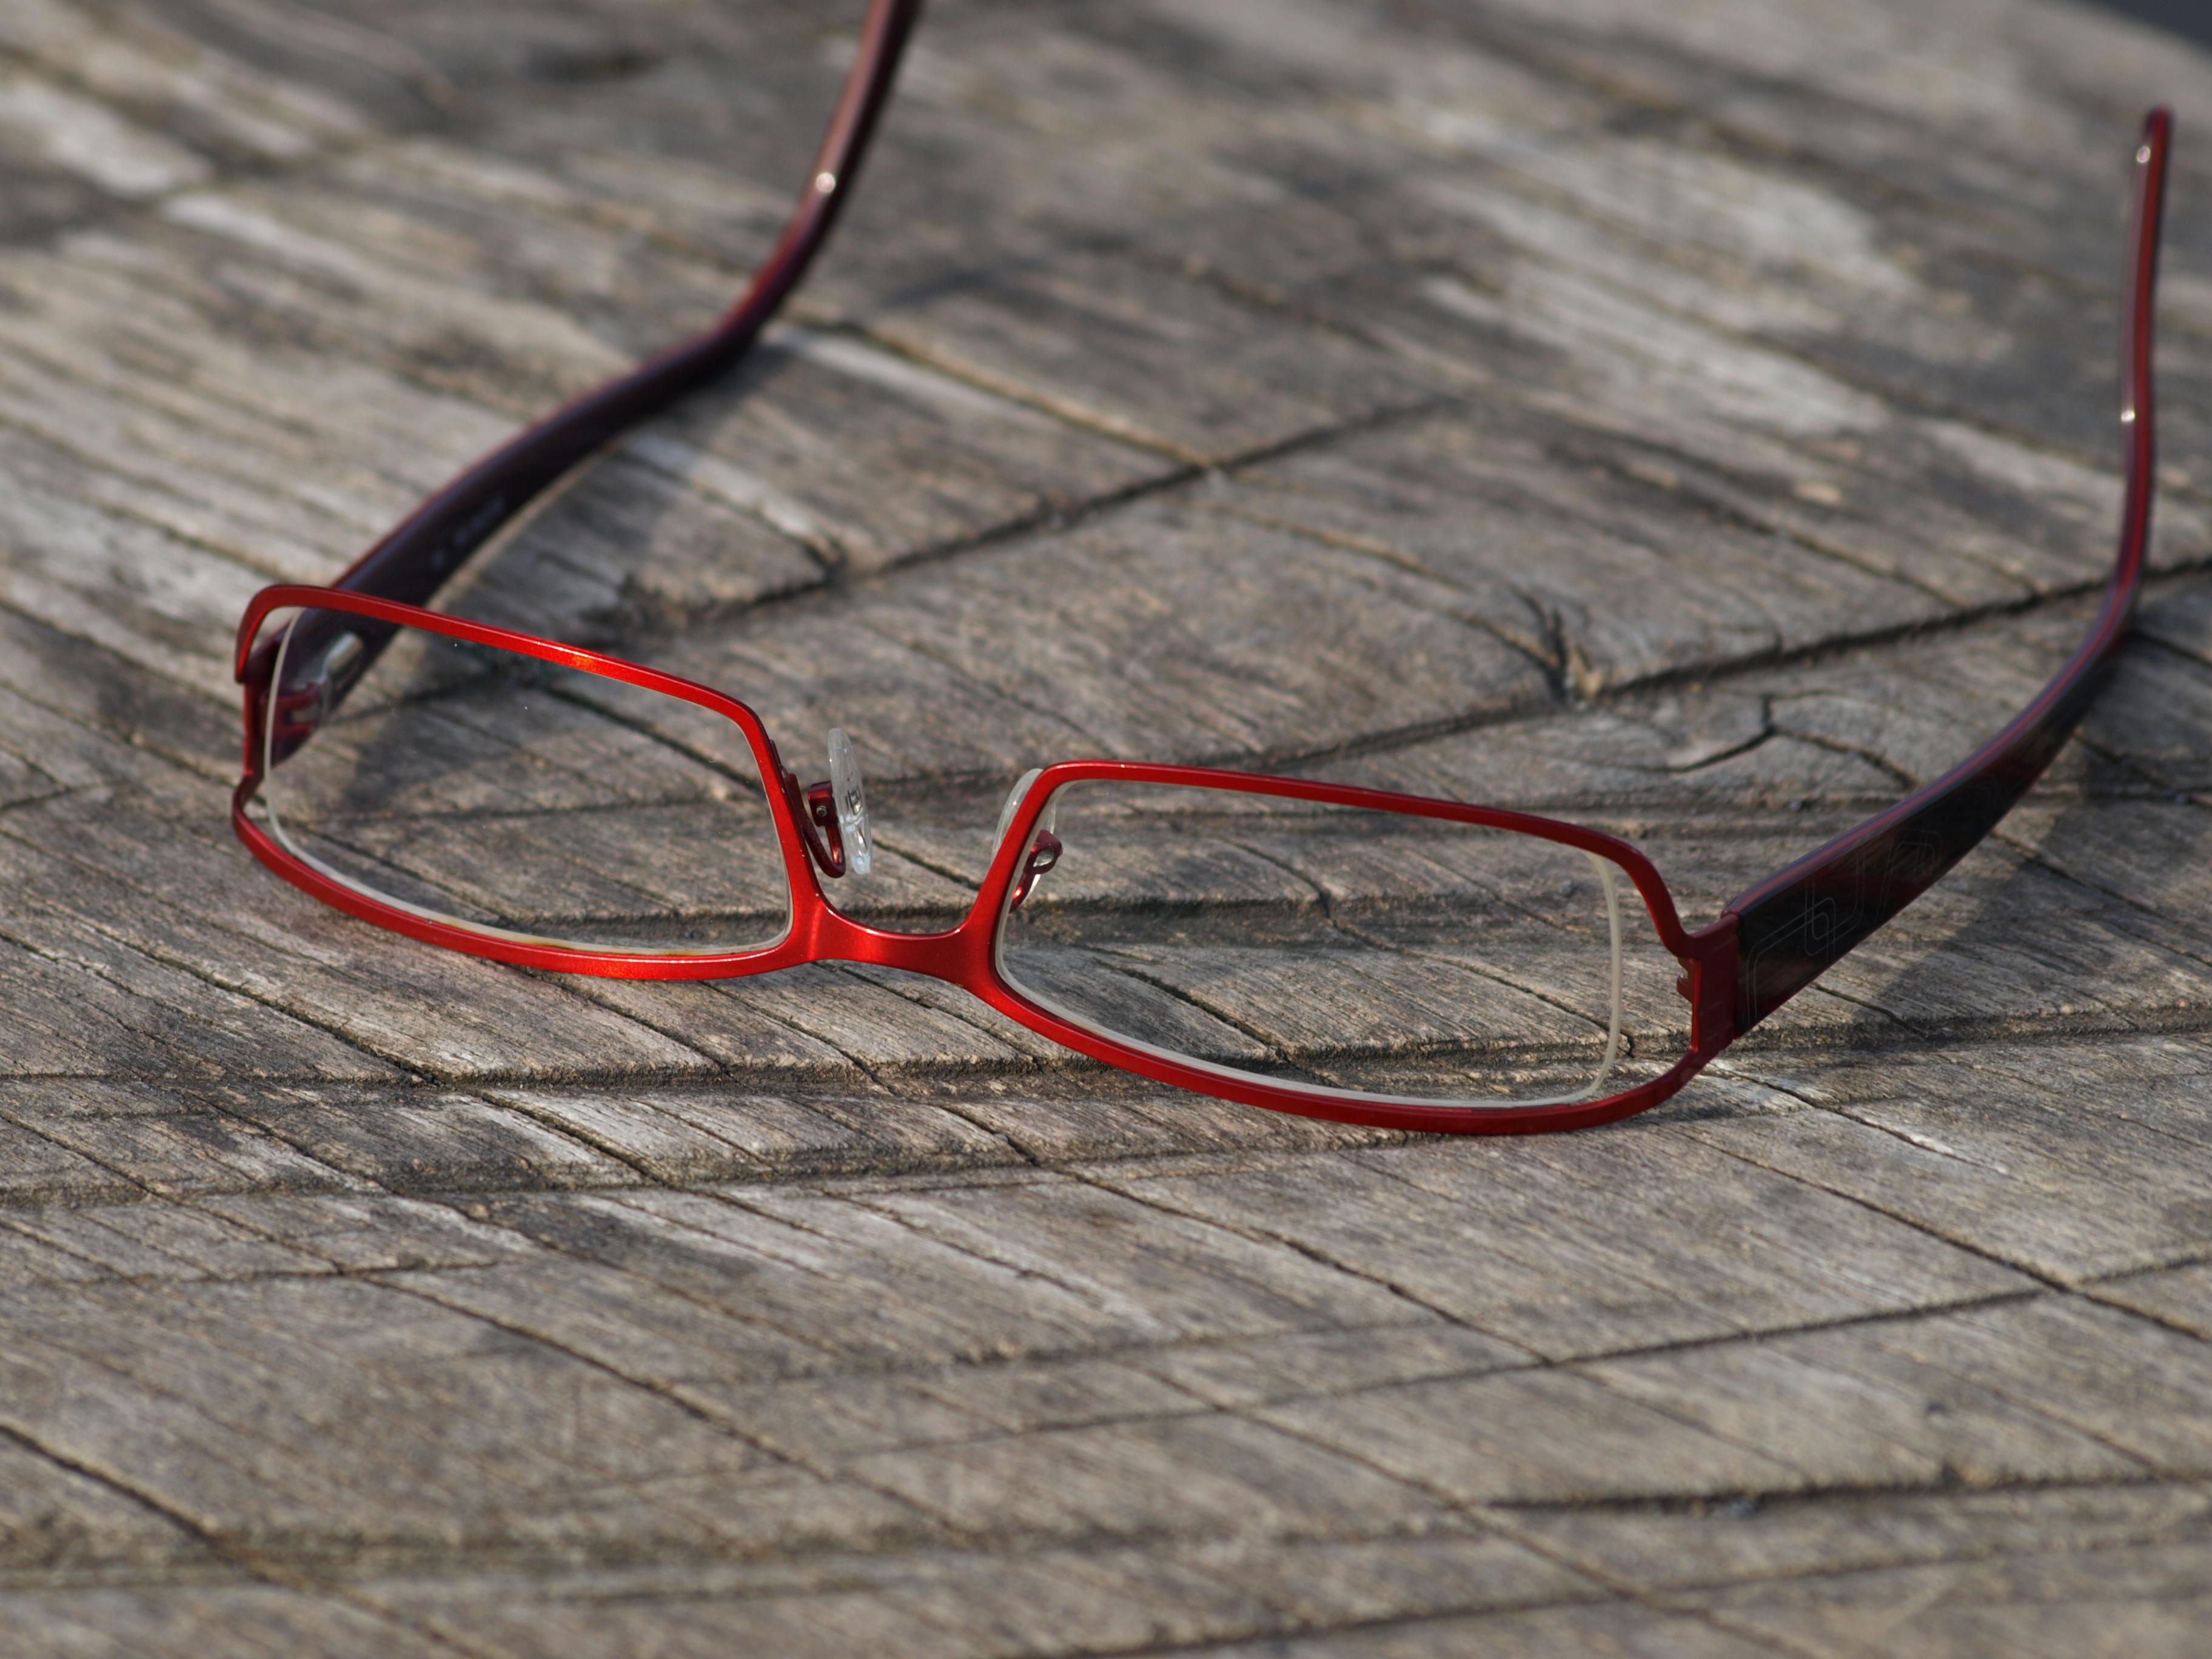 hoe bril schoonmaken